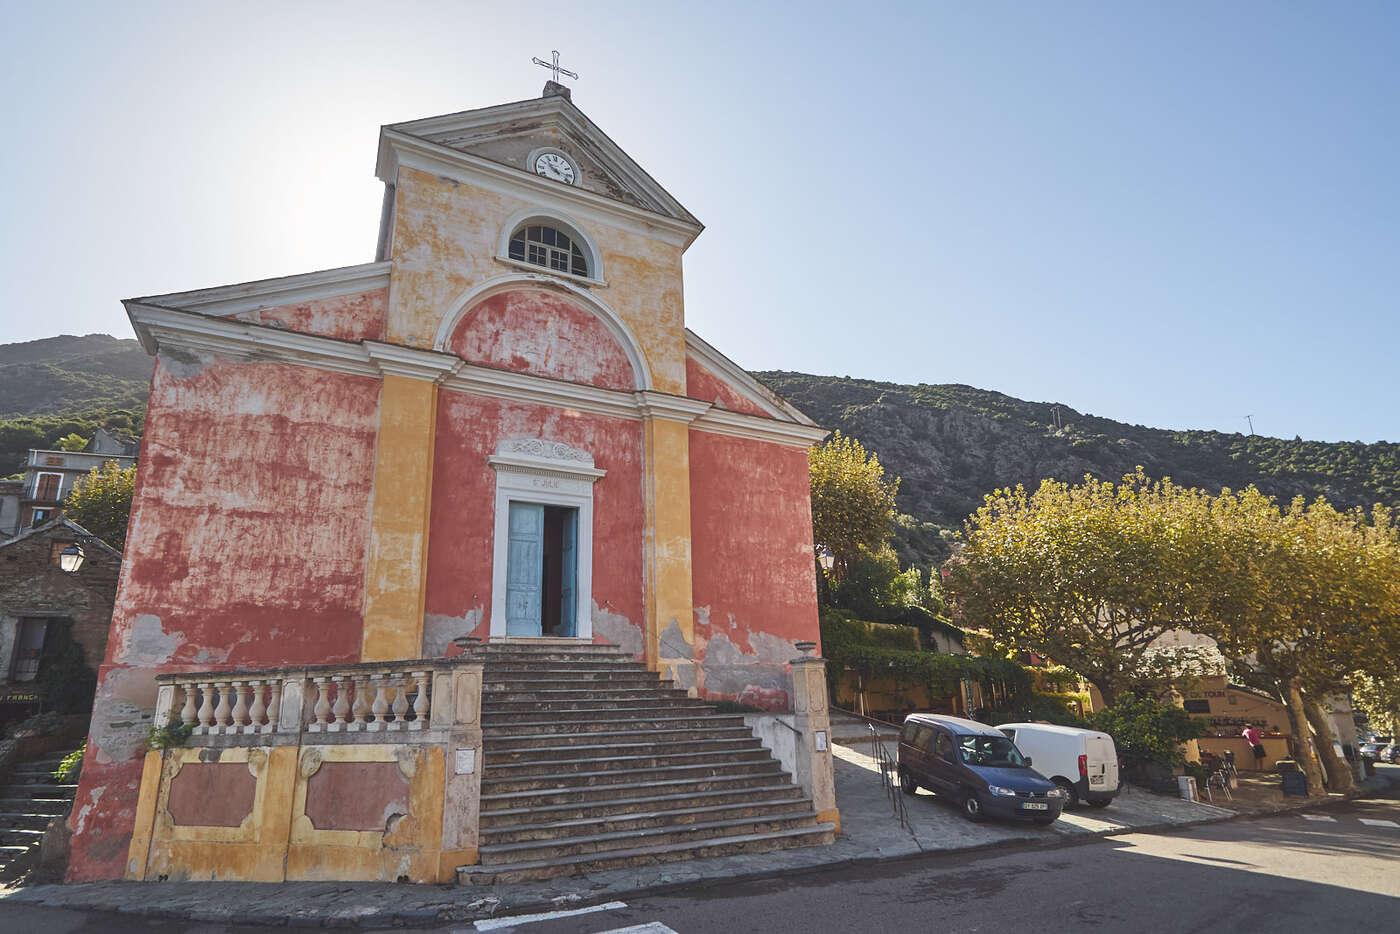 Eglise Sainte-Julie, Nonza, Cap Corse